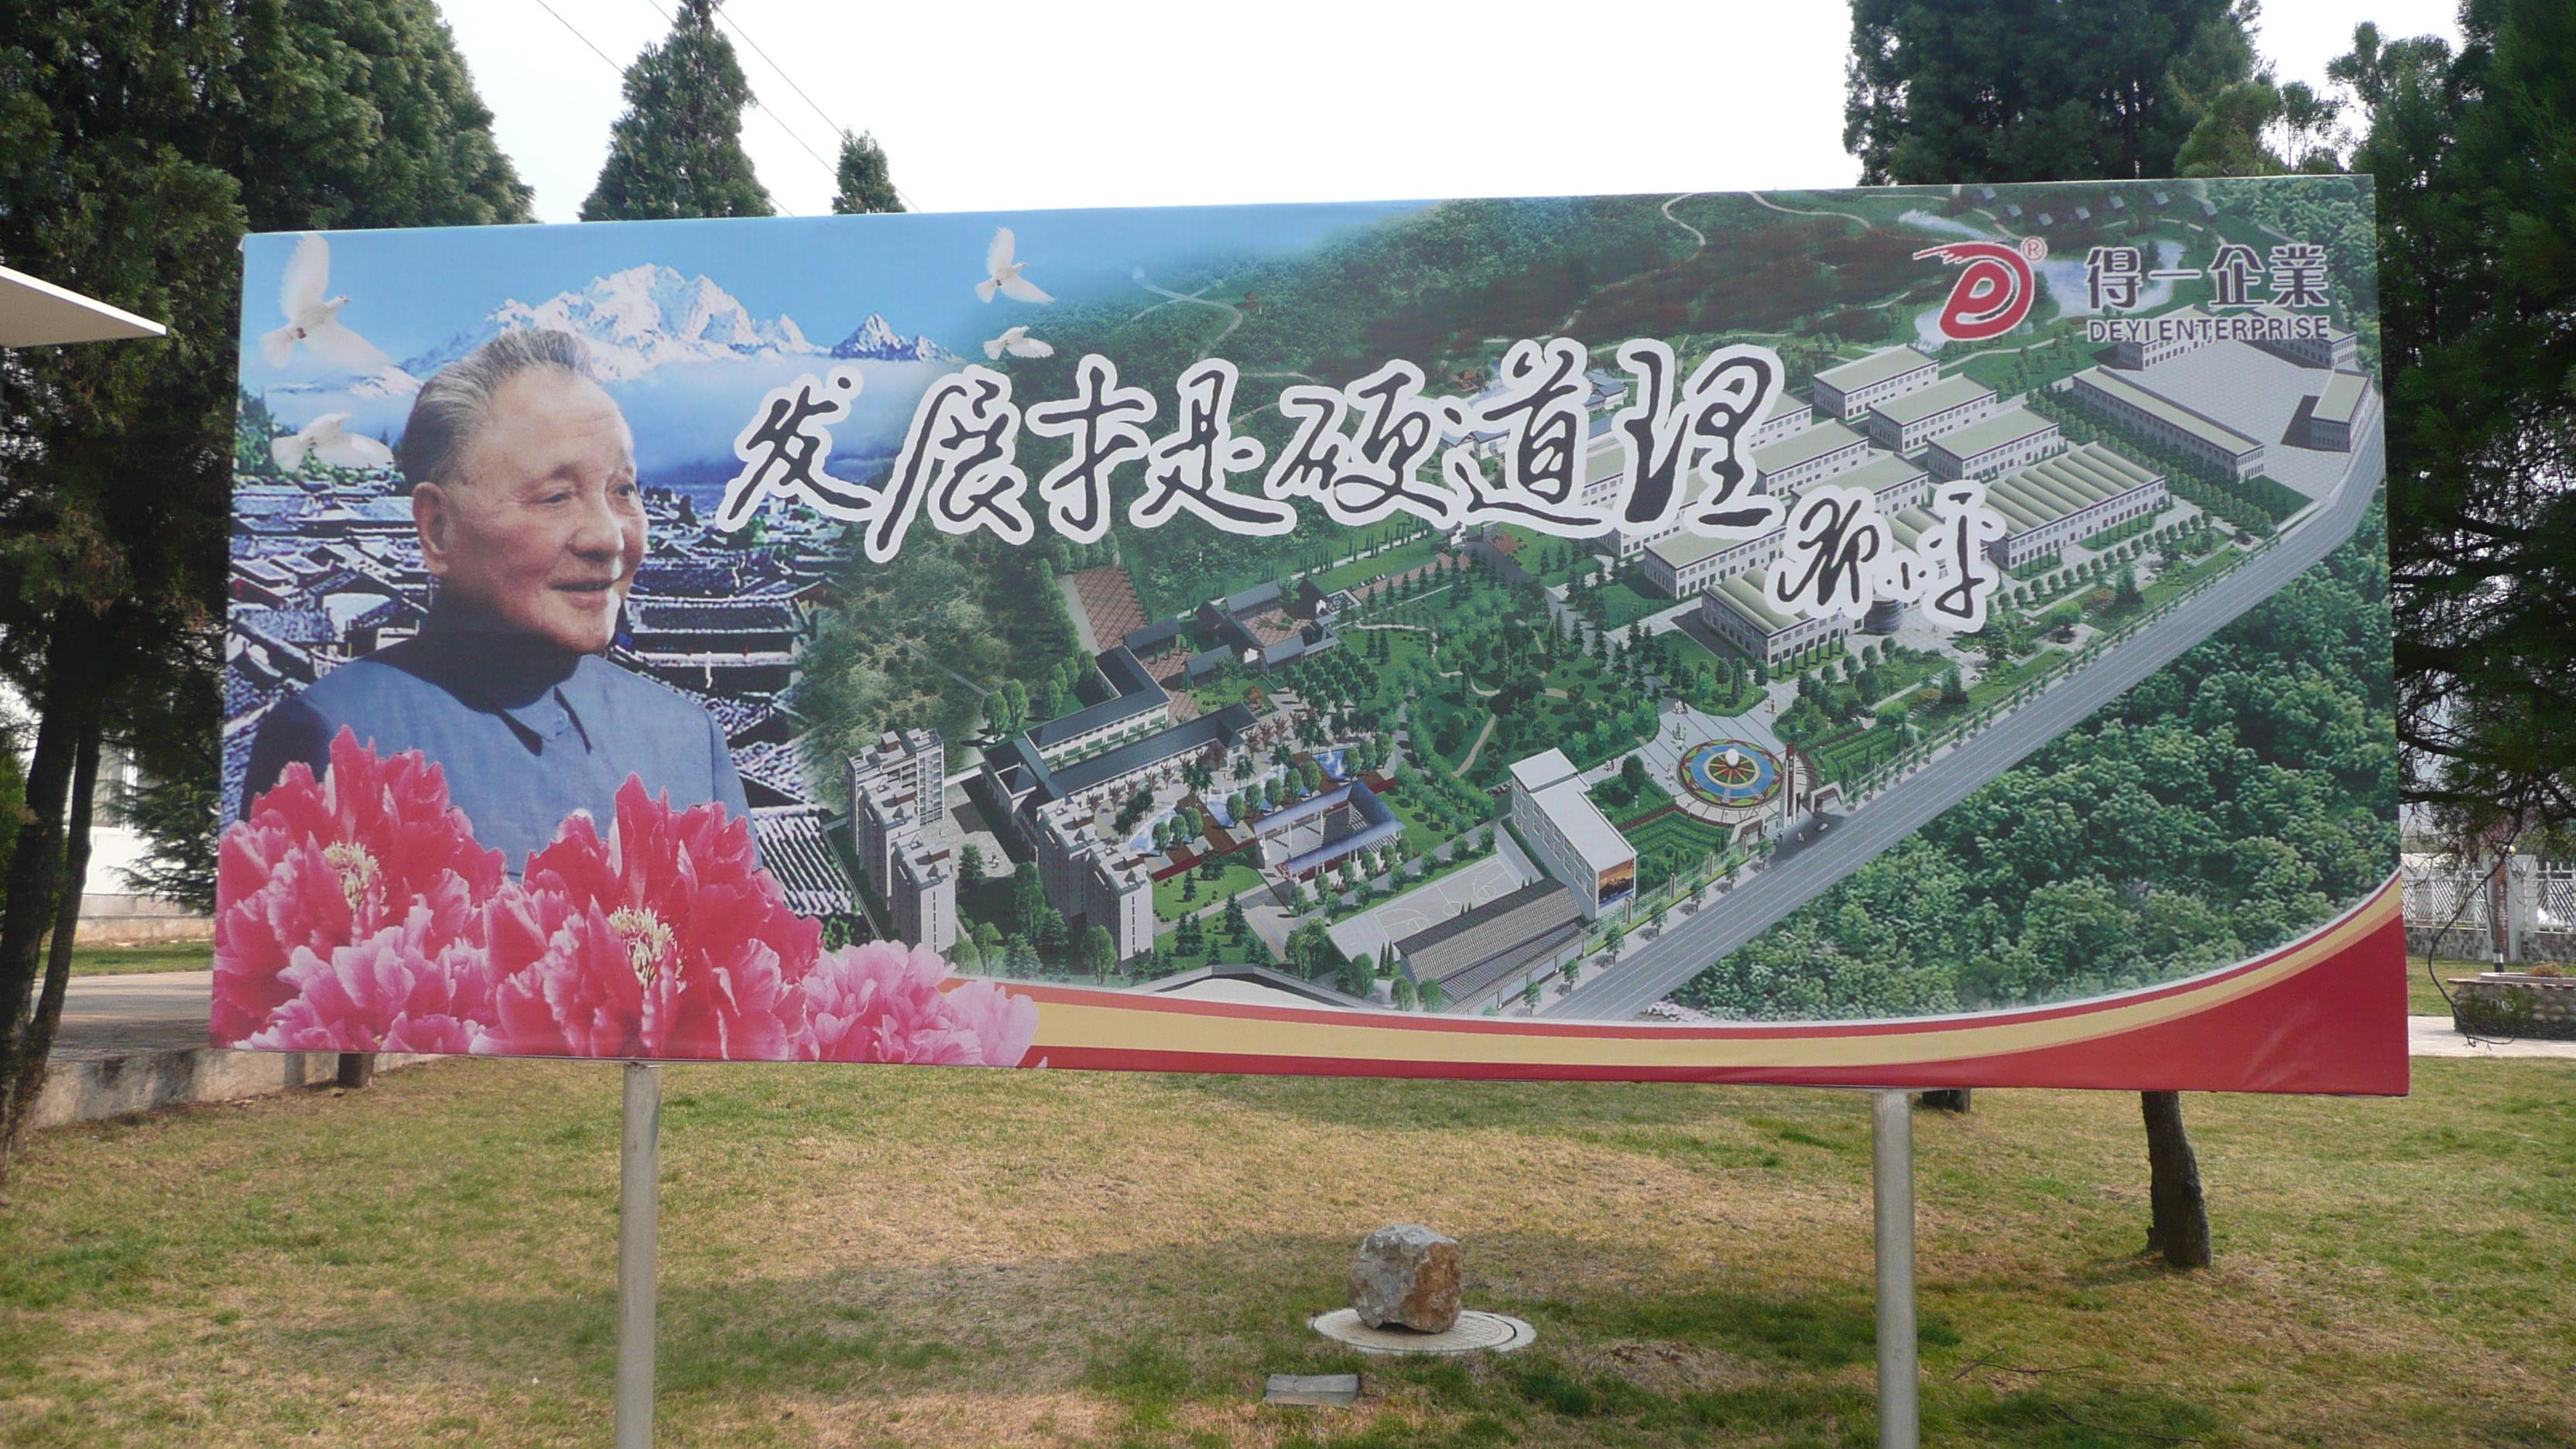 Roadside billboard of Deng Xiaoping in Lijiang (Yunnan), March 2010.